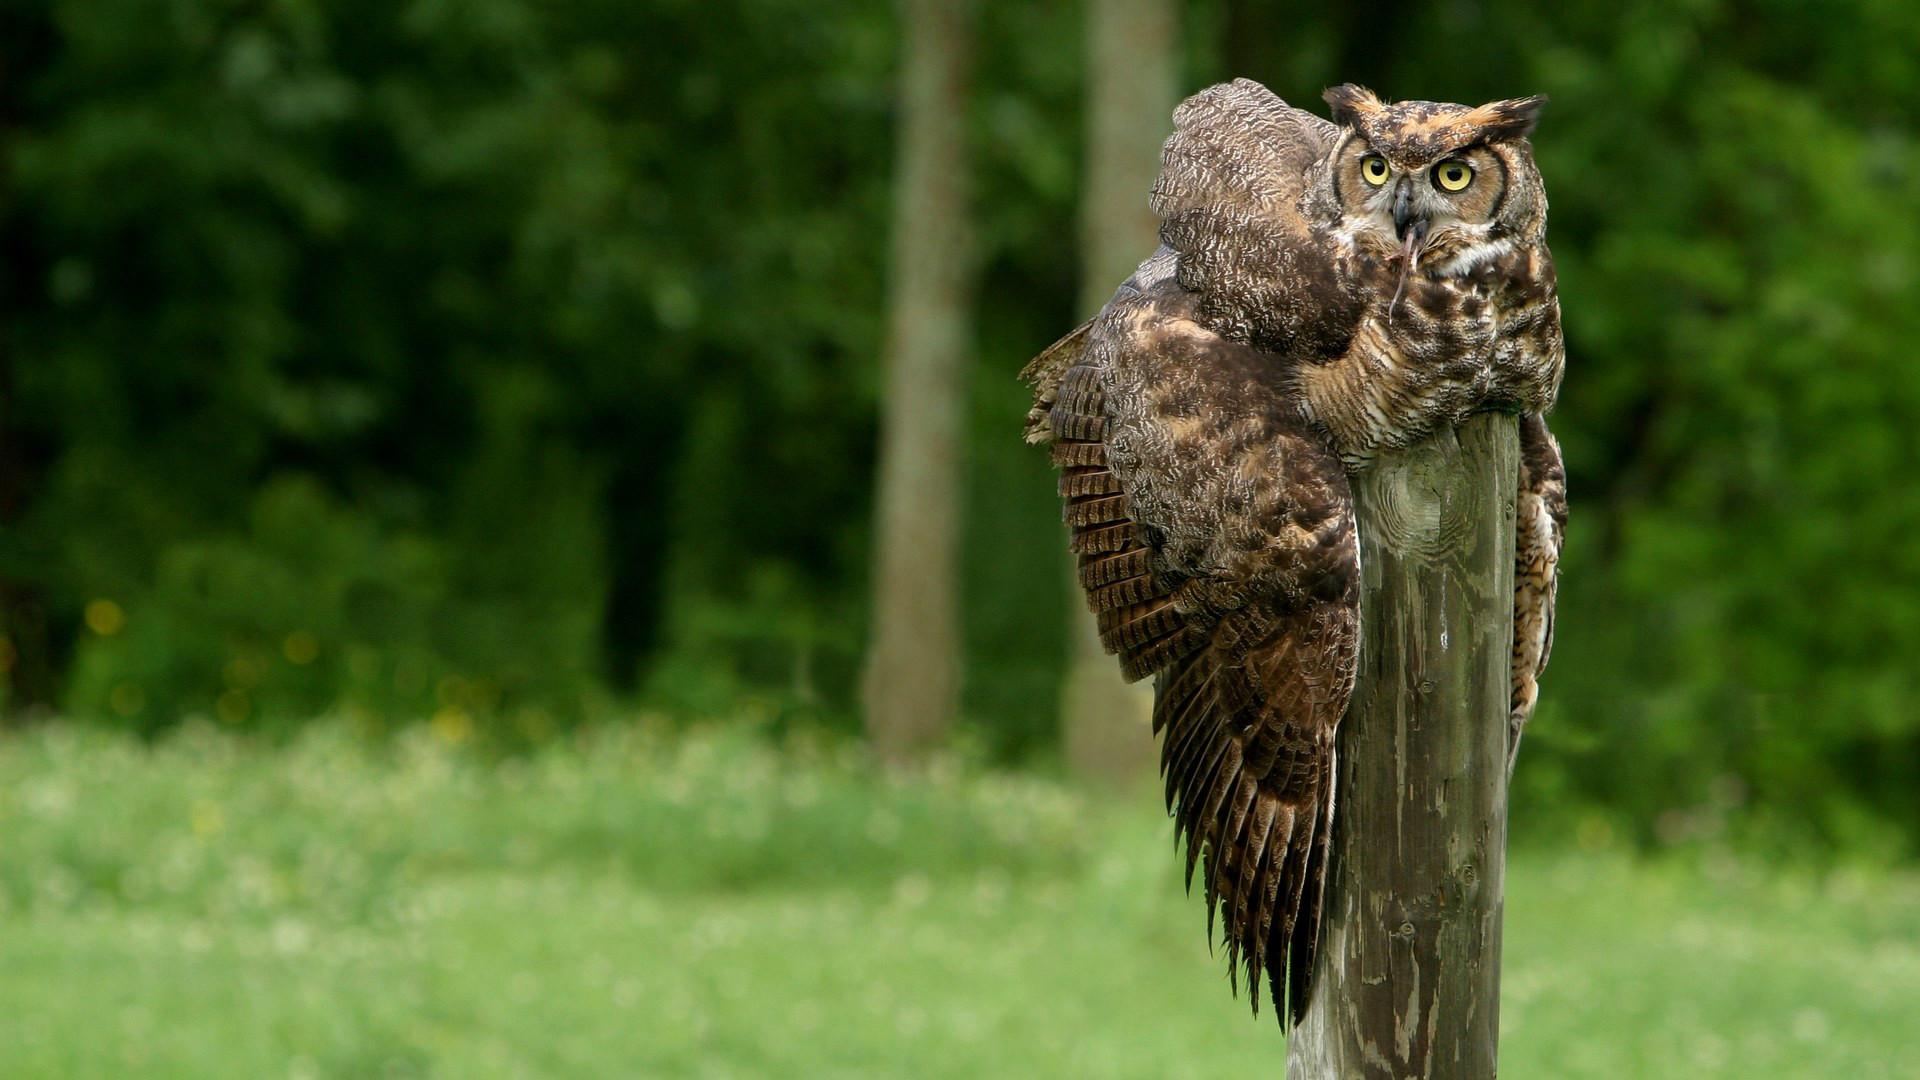 … Great Horned Owl 1080p Wallpaper